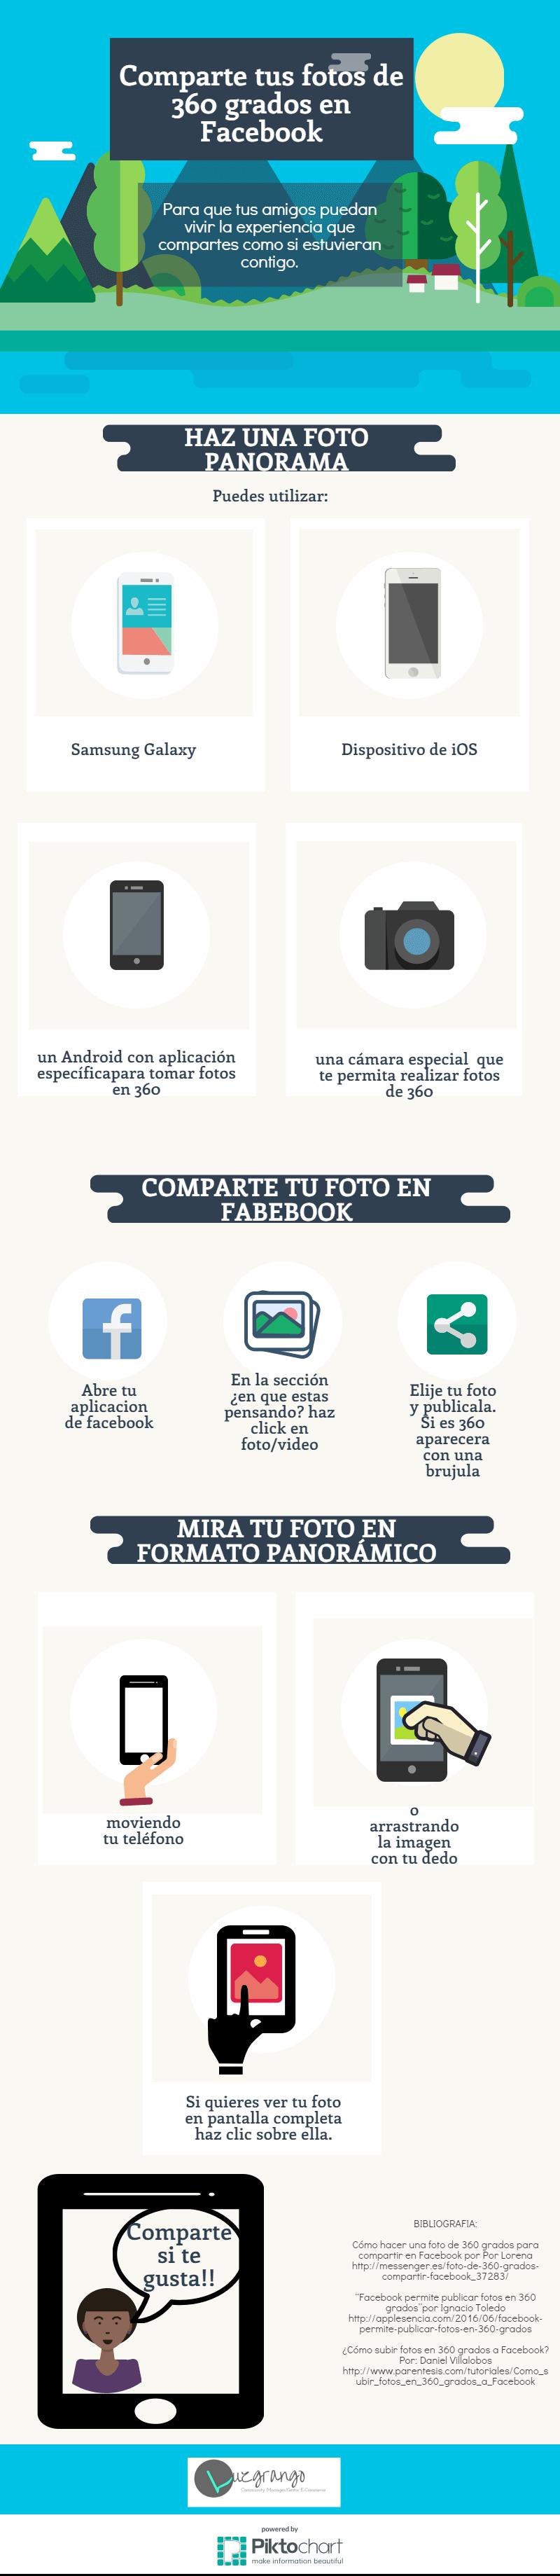 Comparte Tus Fotos 360 En Facebook Infografia Photography Socialmedia Medios De Comunicación Social Redes Sociales Marketing Fotos 360 Grados